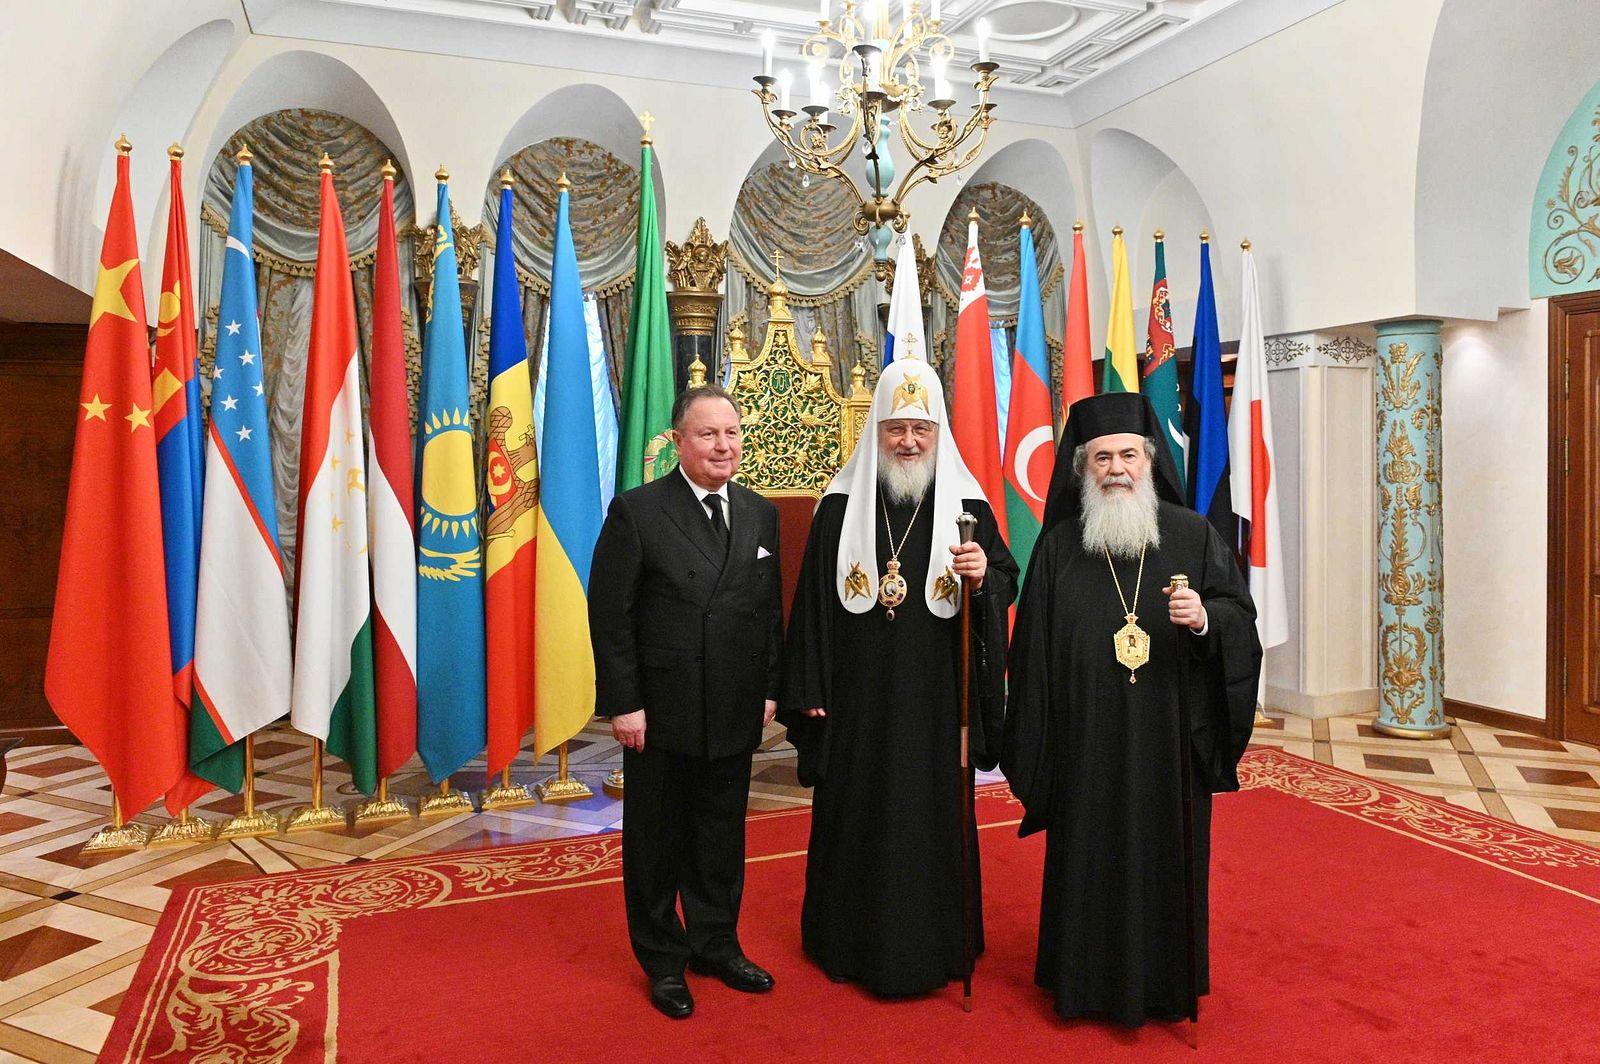 Иерусалимский Патриарх призвал Предстоятелей Поместных Церквей встретиться и обсудить единство Православия